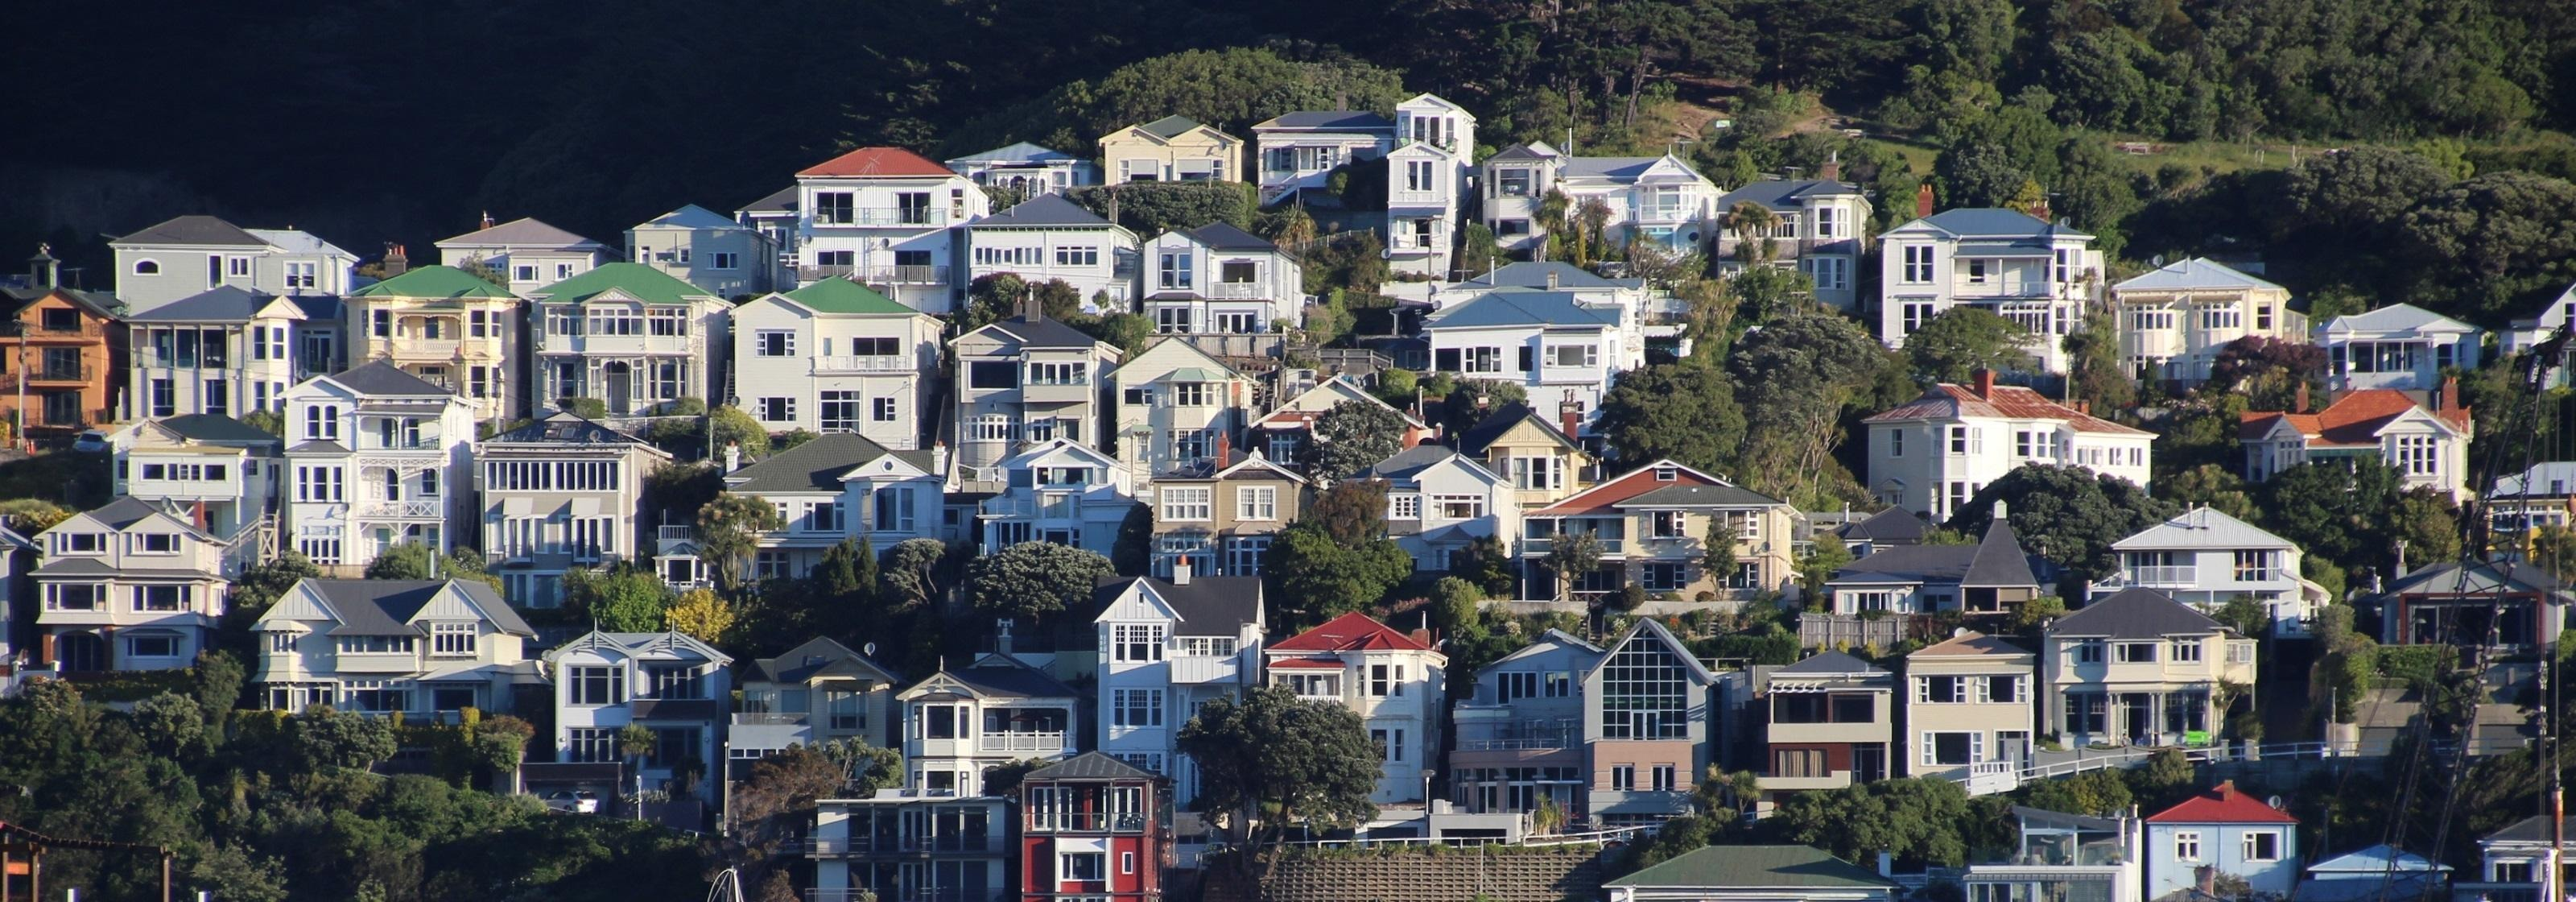 Aktivitäten in Wellington